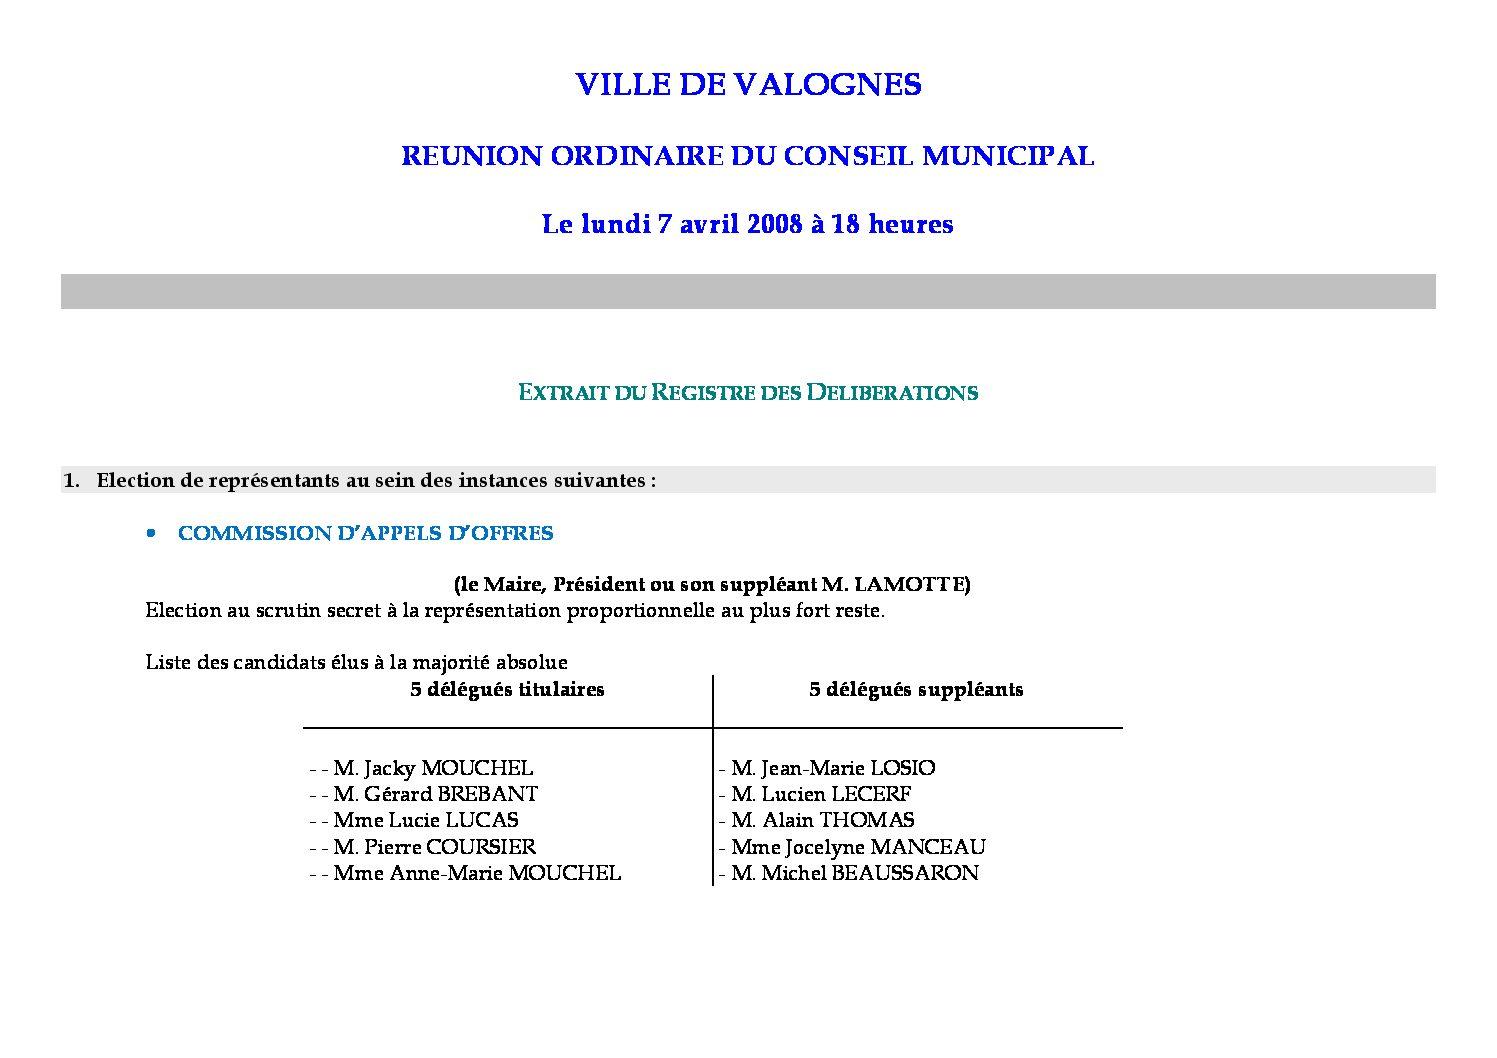 Extrait du registre des délibérations du 07-04-2008 - Compte rendu des questions soumises à délibération lors de la séance du Conseil Municipal du 7 avril 2008.